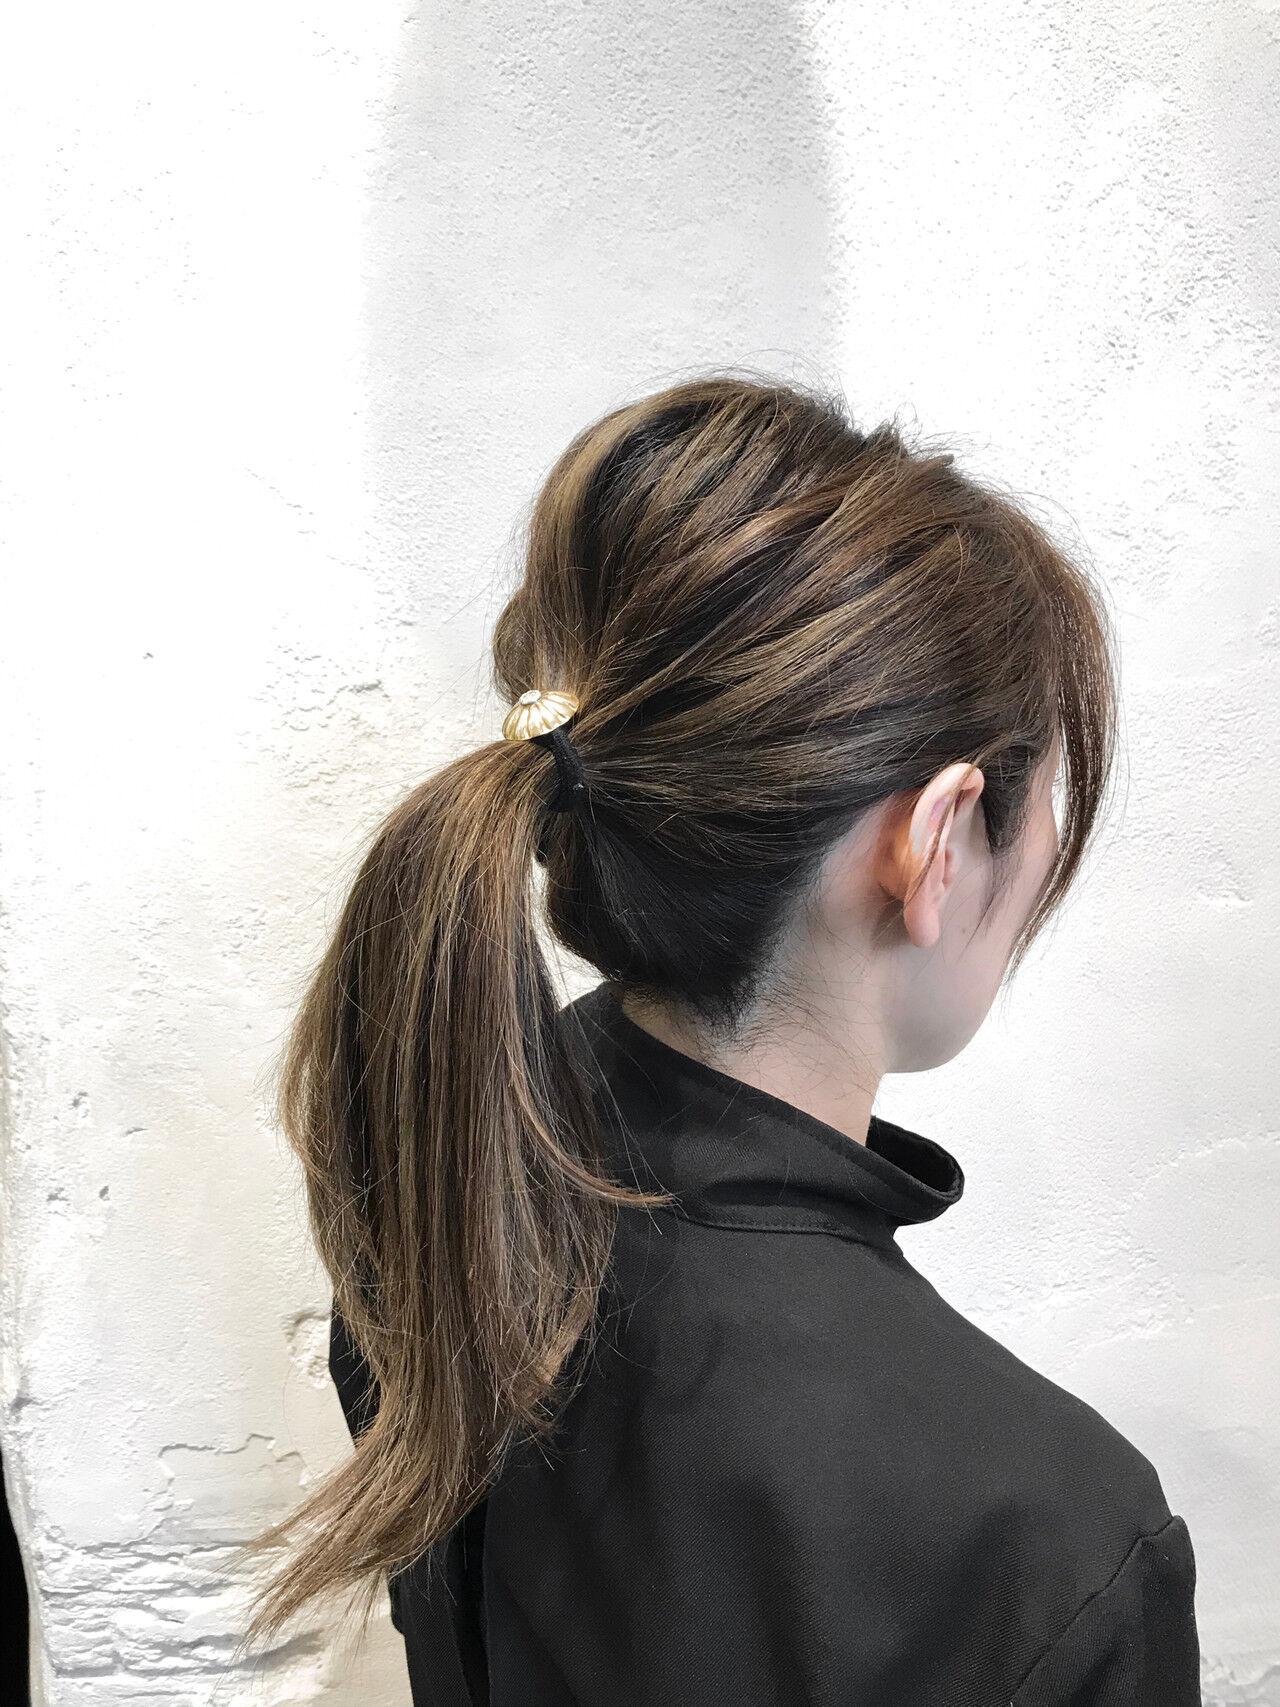 3Dハイライト ハイライト アッシュ ポニーテールヘアスタイルや髪型の写真・画像